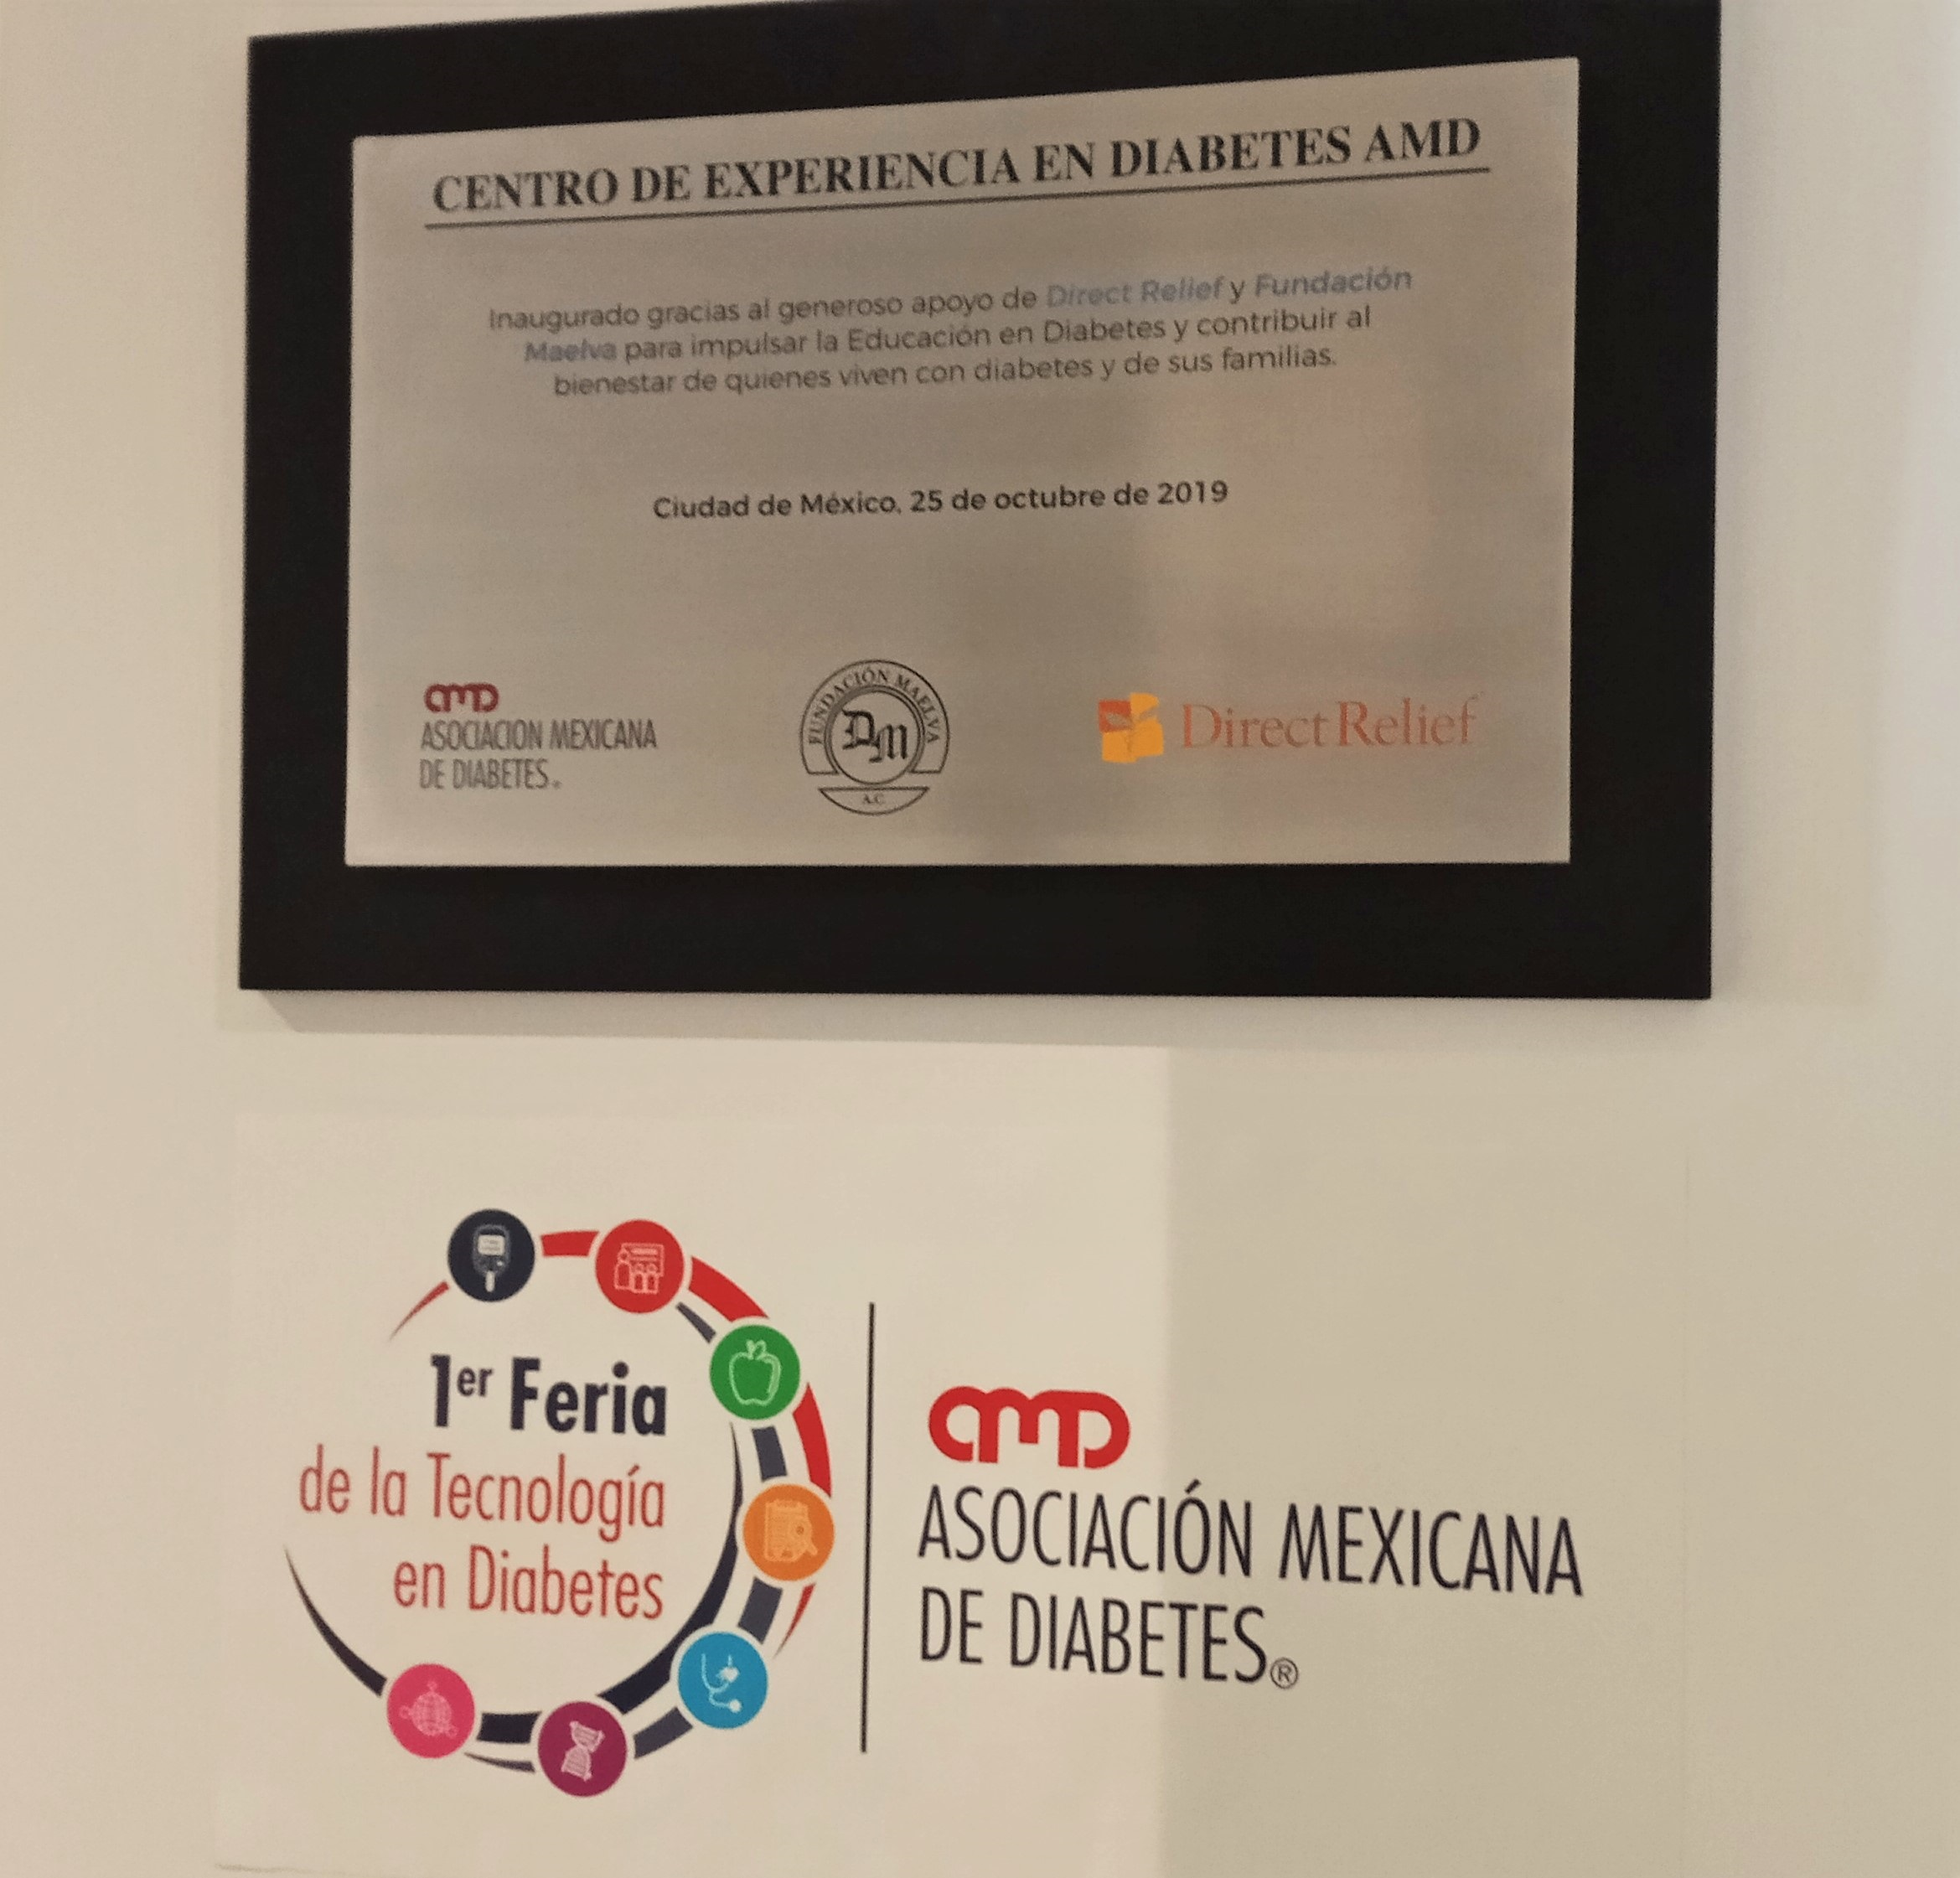 Feria de la Tecnología en Diabetes